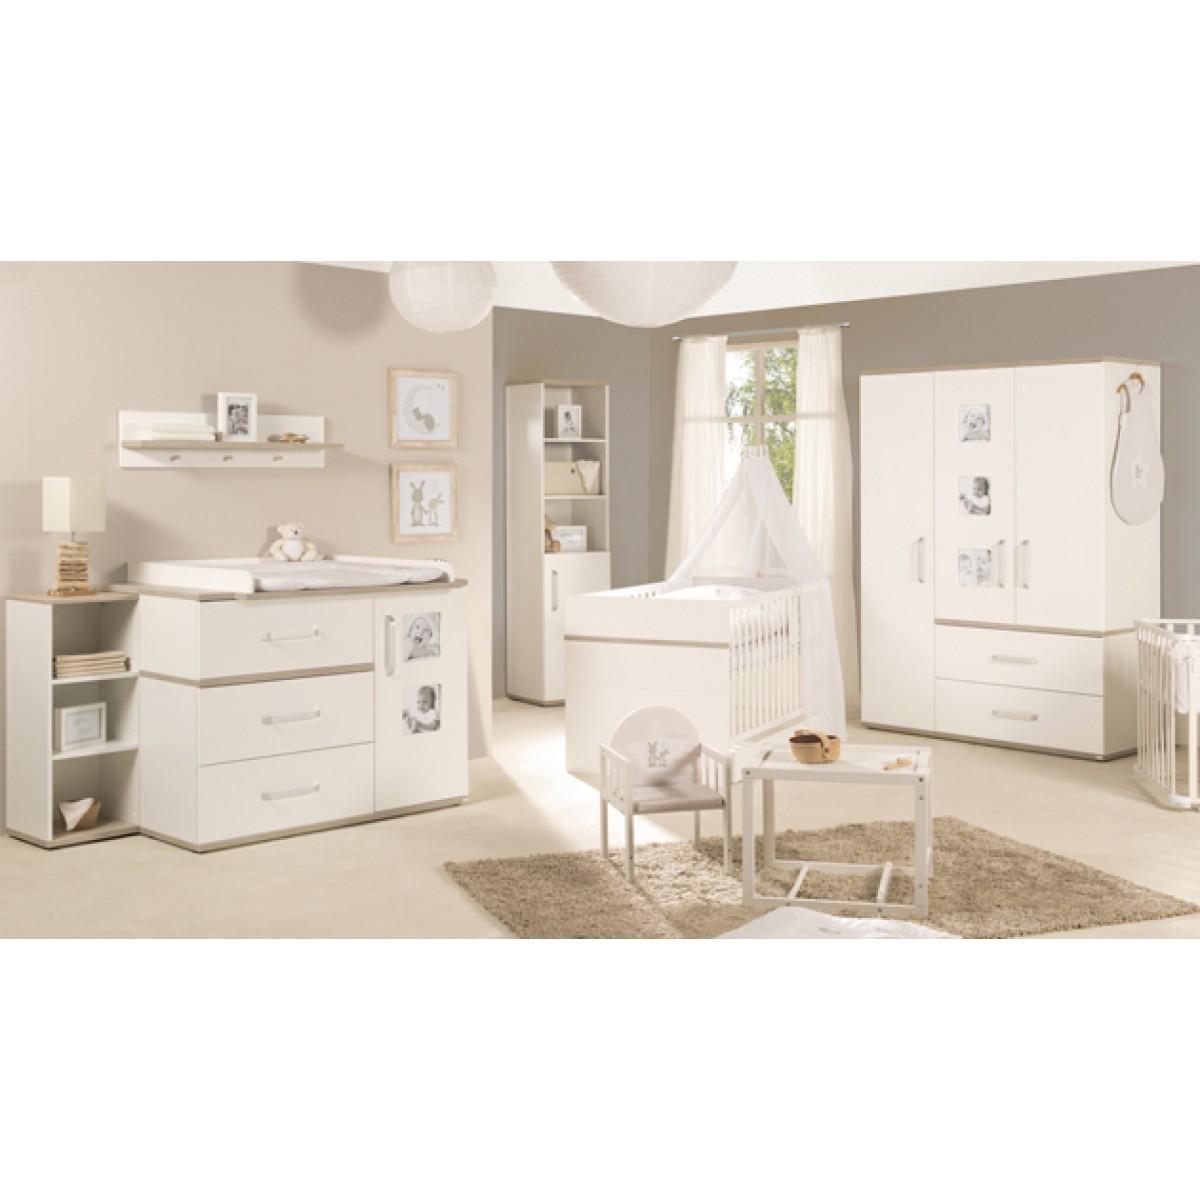 roba kinderzimmer moritz. Black Bedroom Furniture Sets. Home Design Ideas